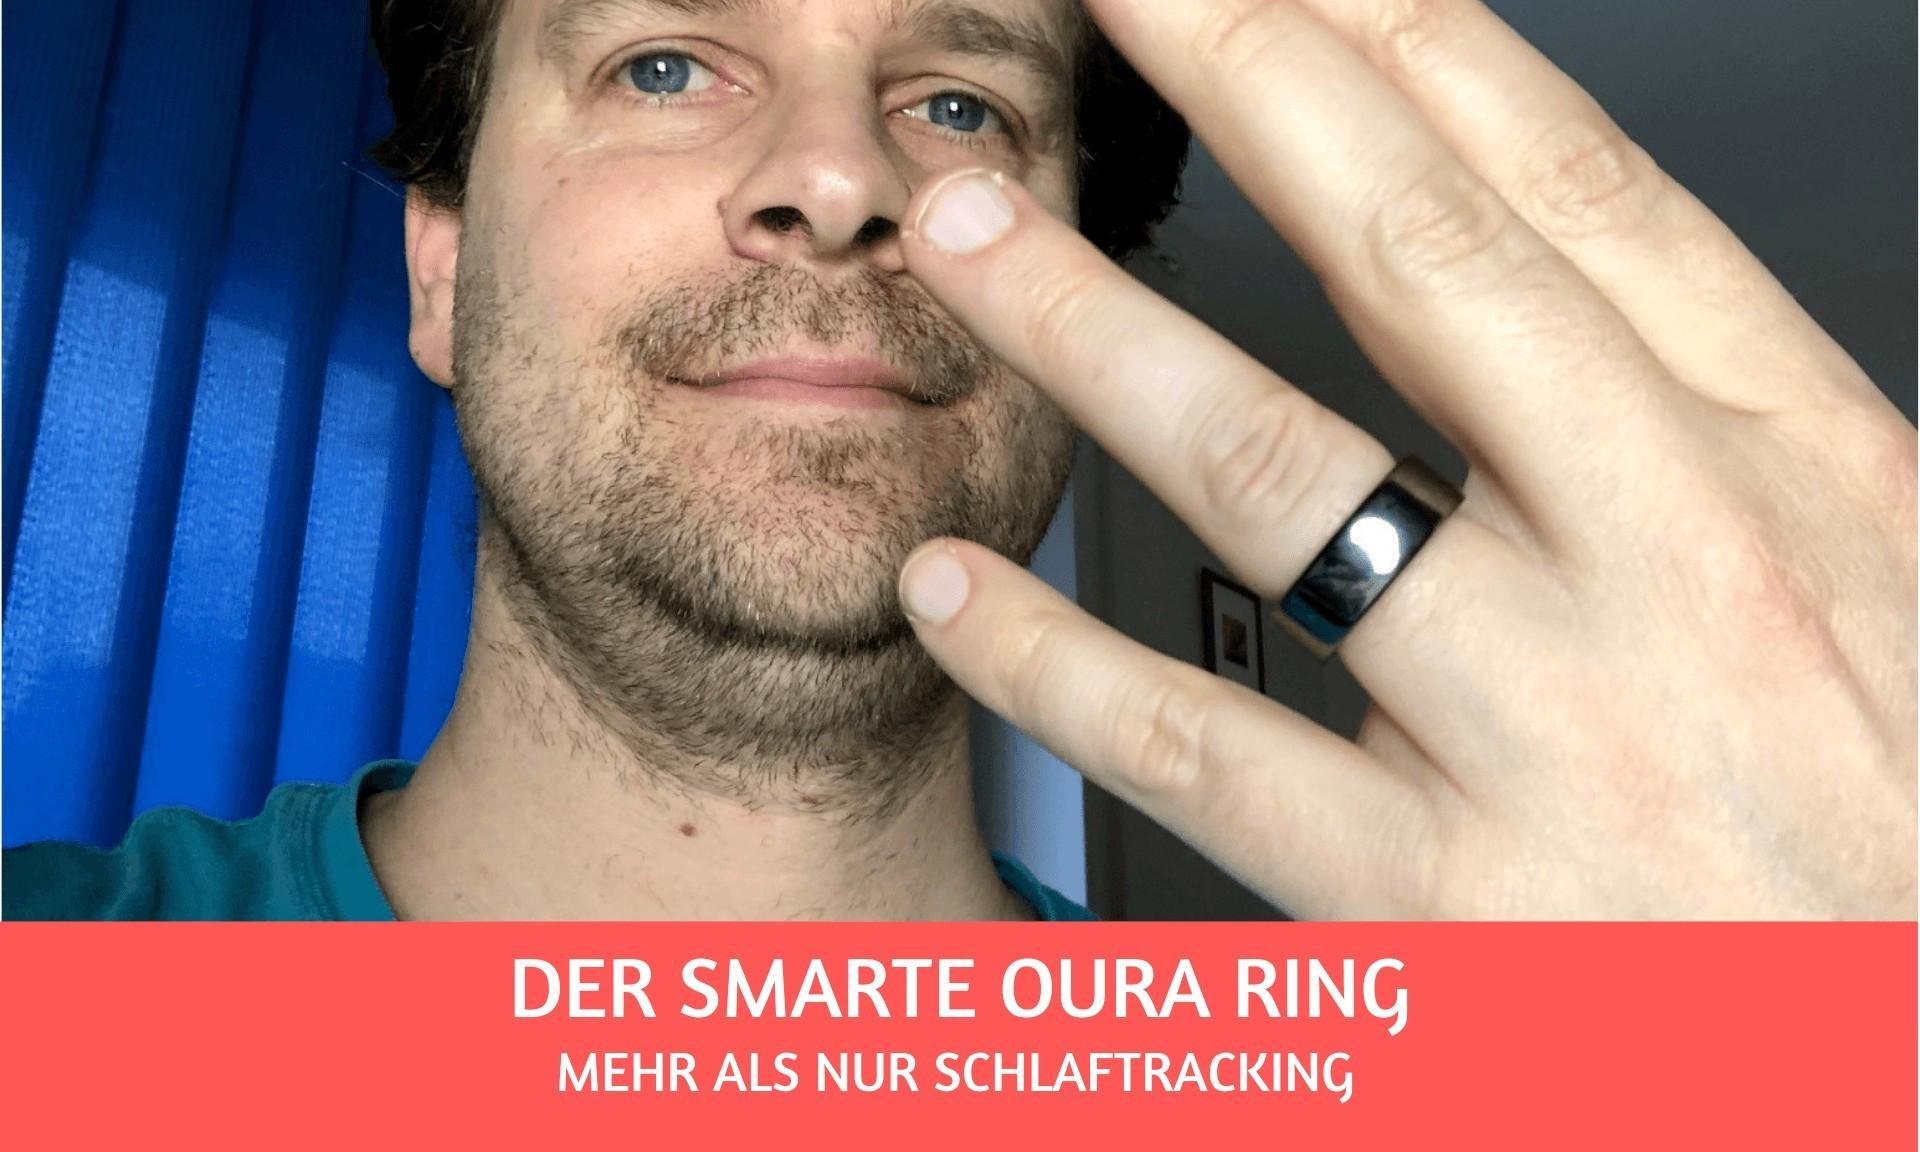 Mehr als Schlaftracking: der smarte Oura-Ring